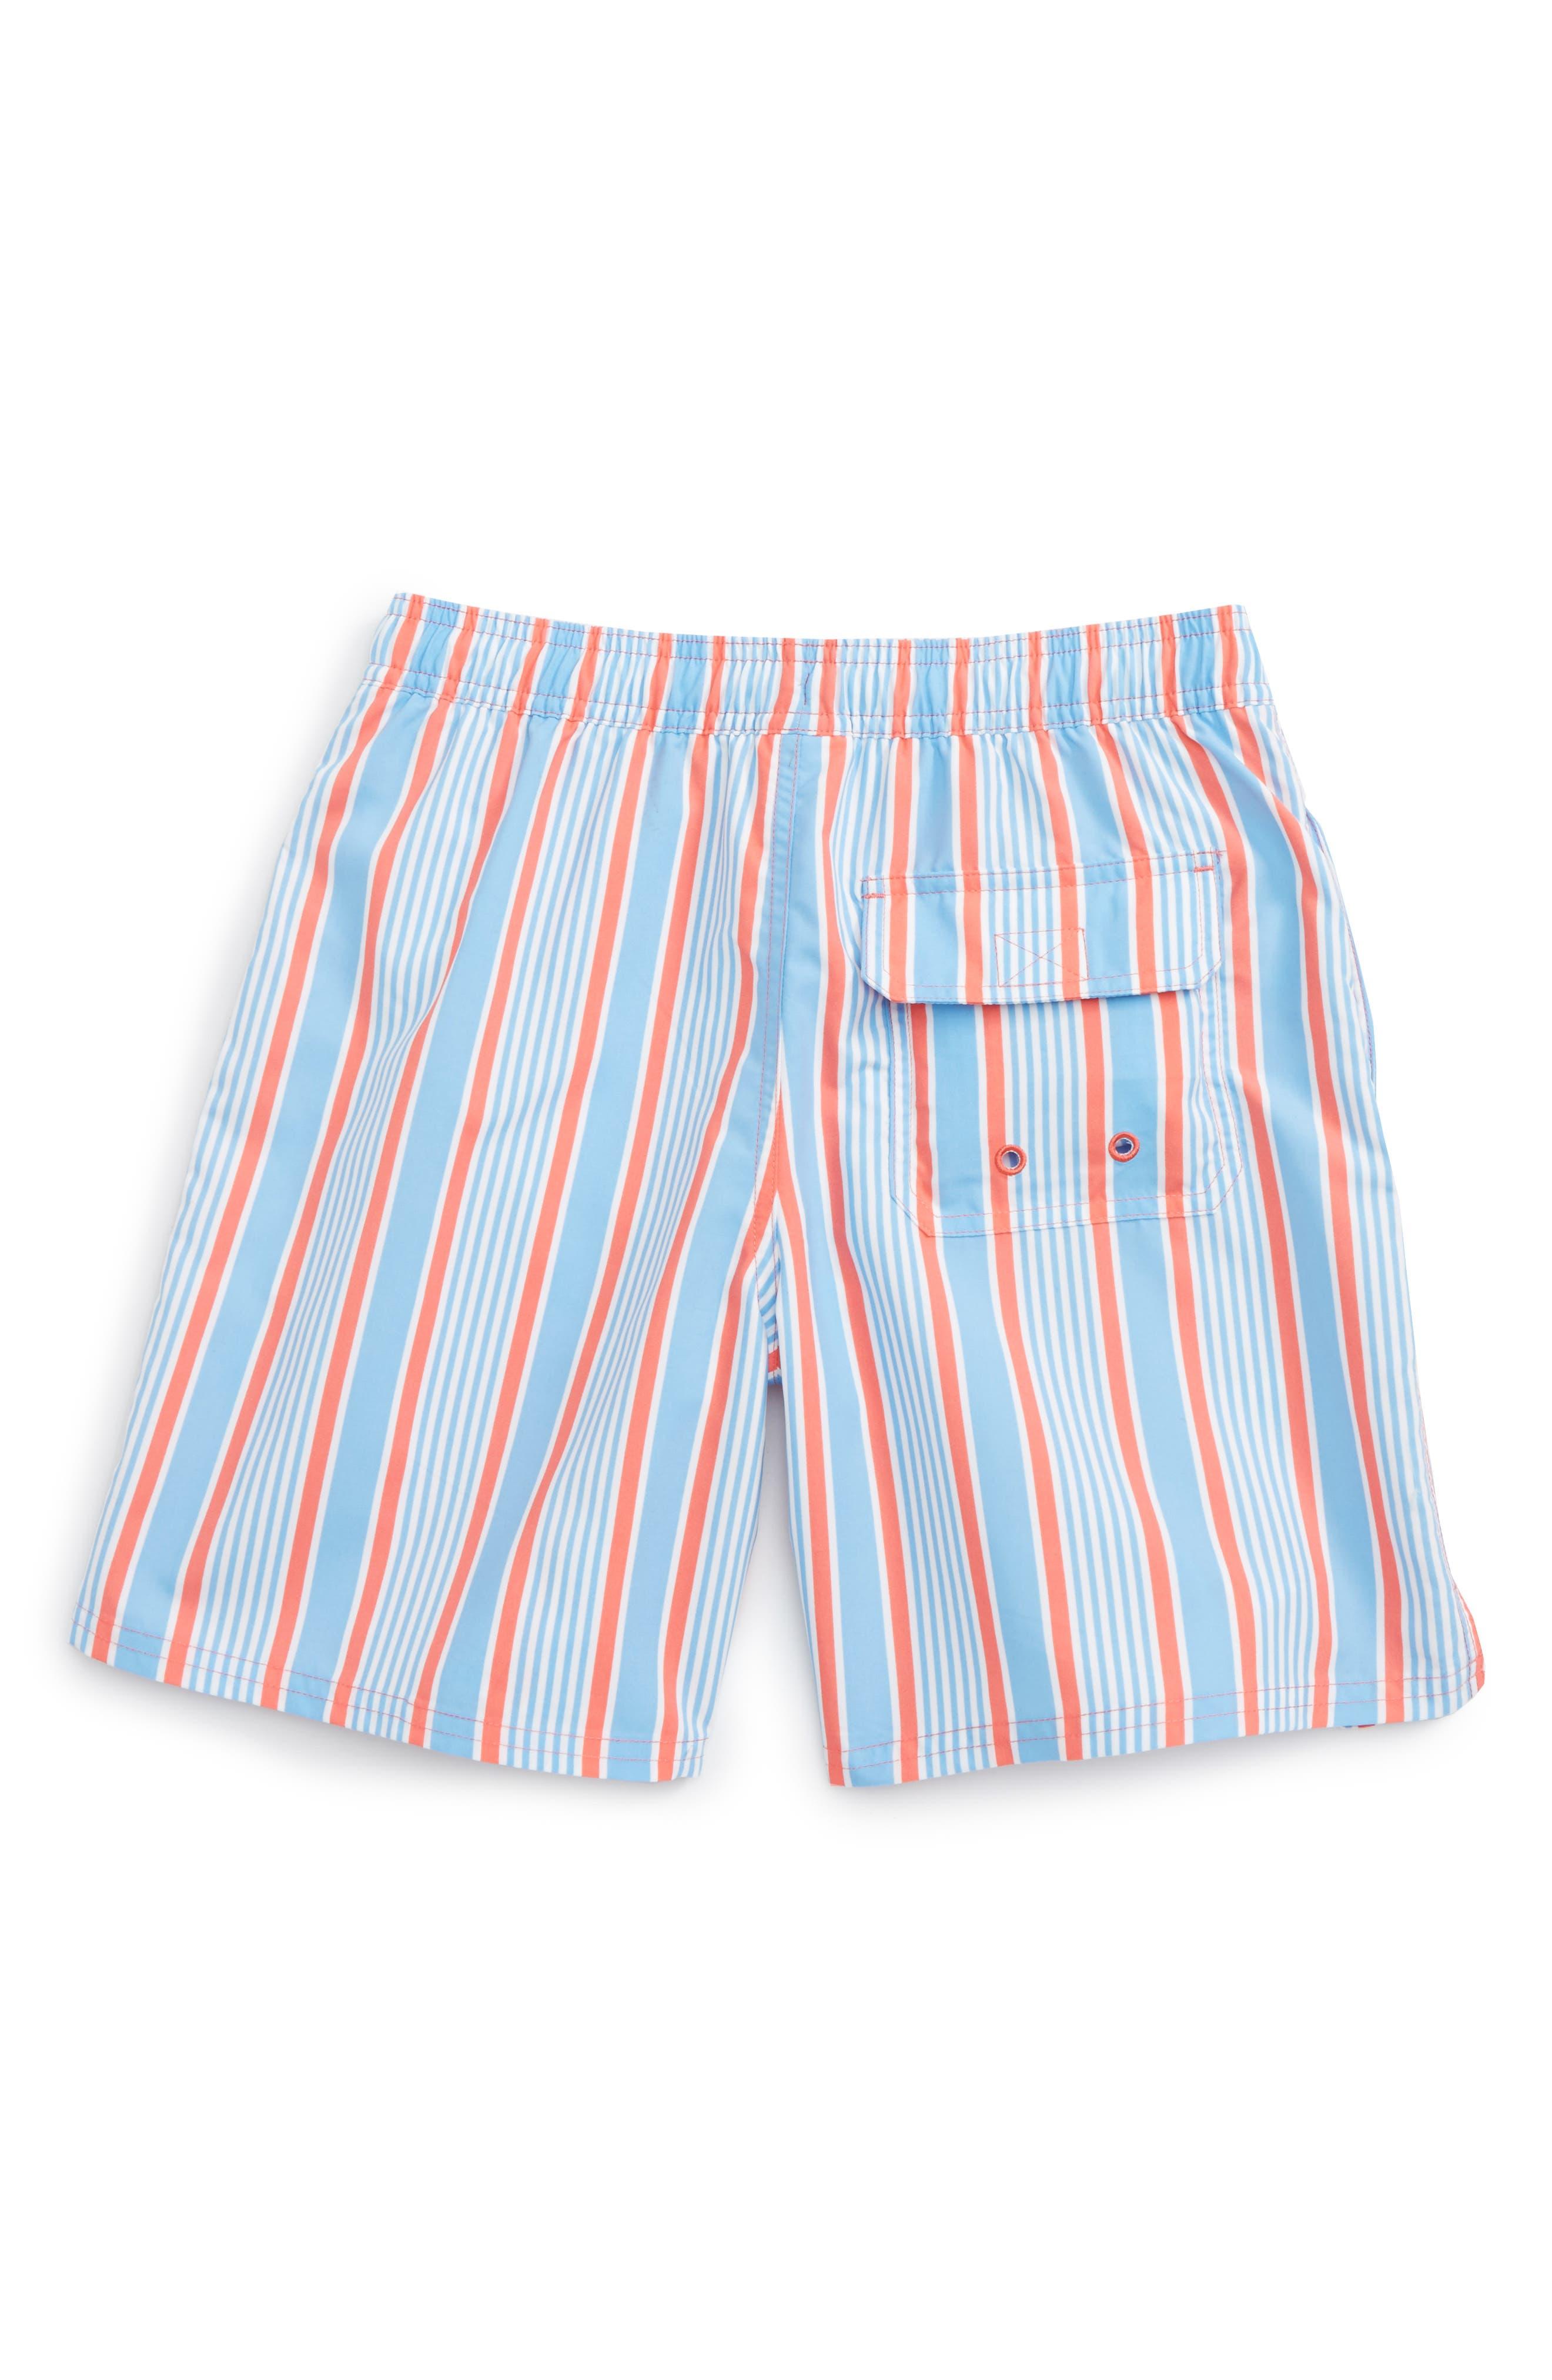 Stripe Bungalow Swim Trunks,                             Alternate thumbnail 2, color,                             Mai Tai